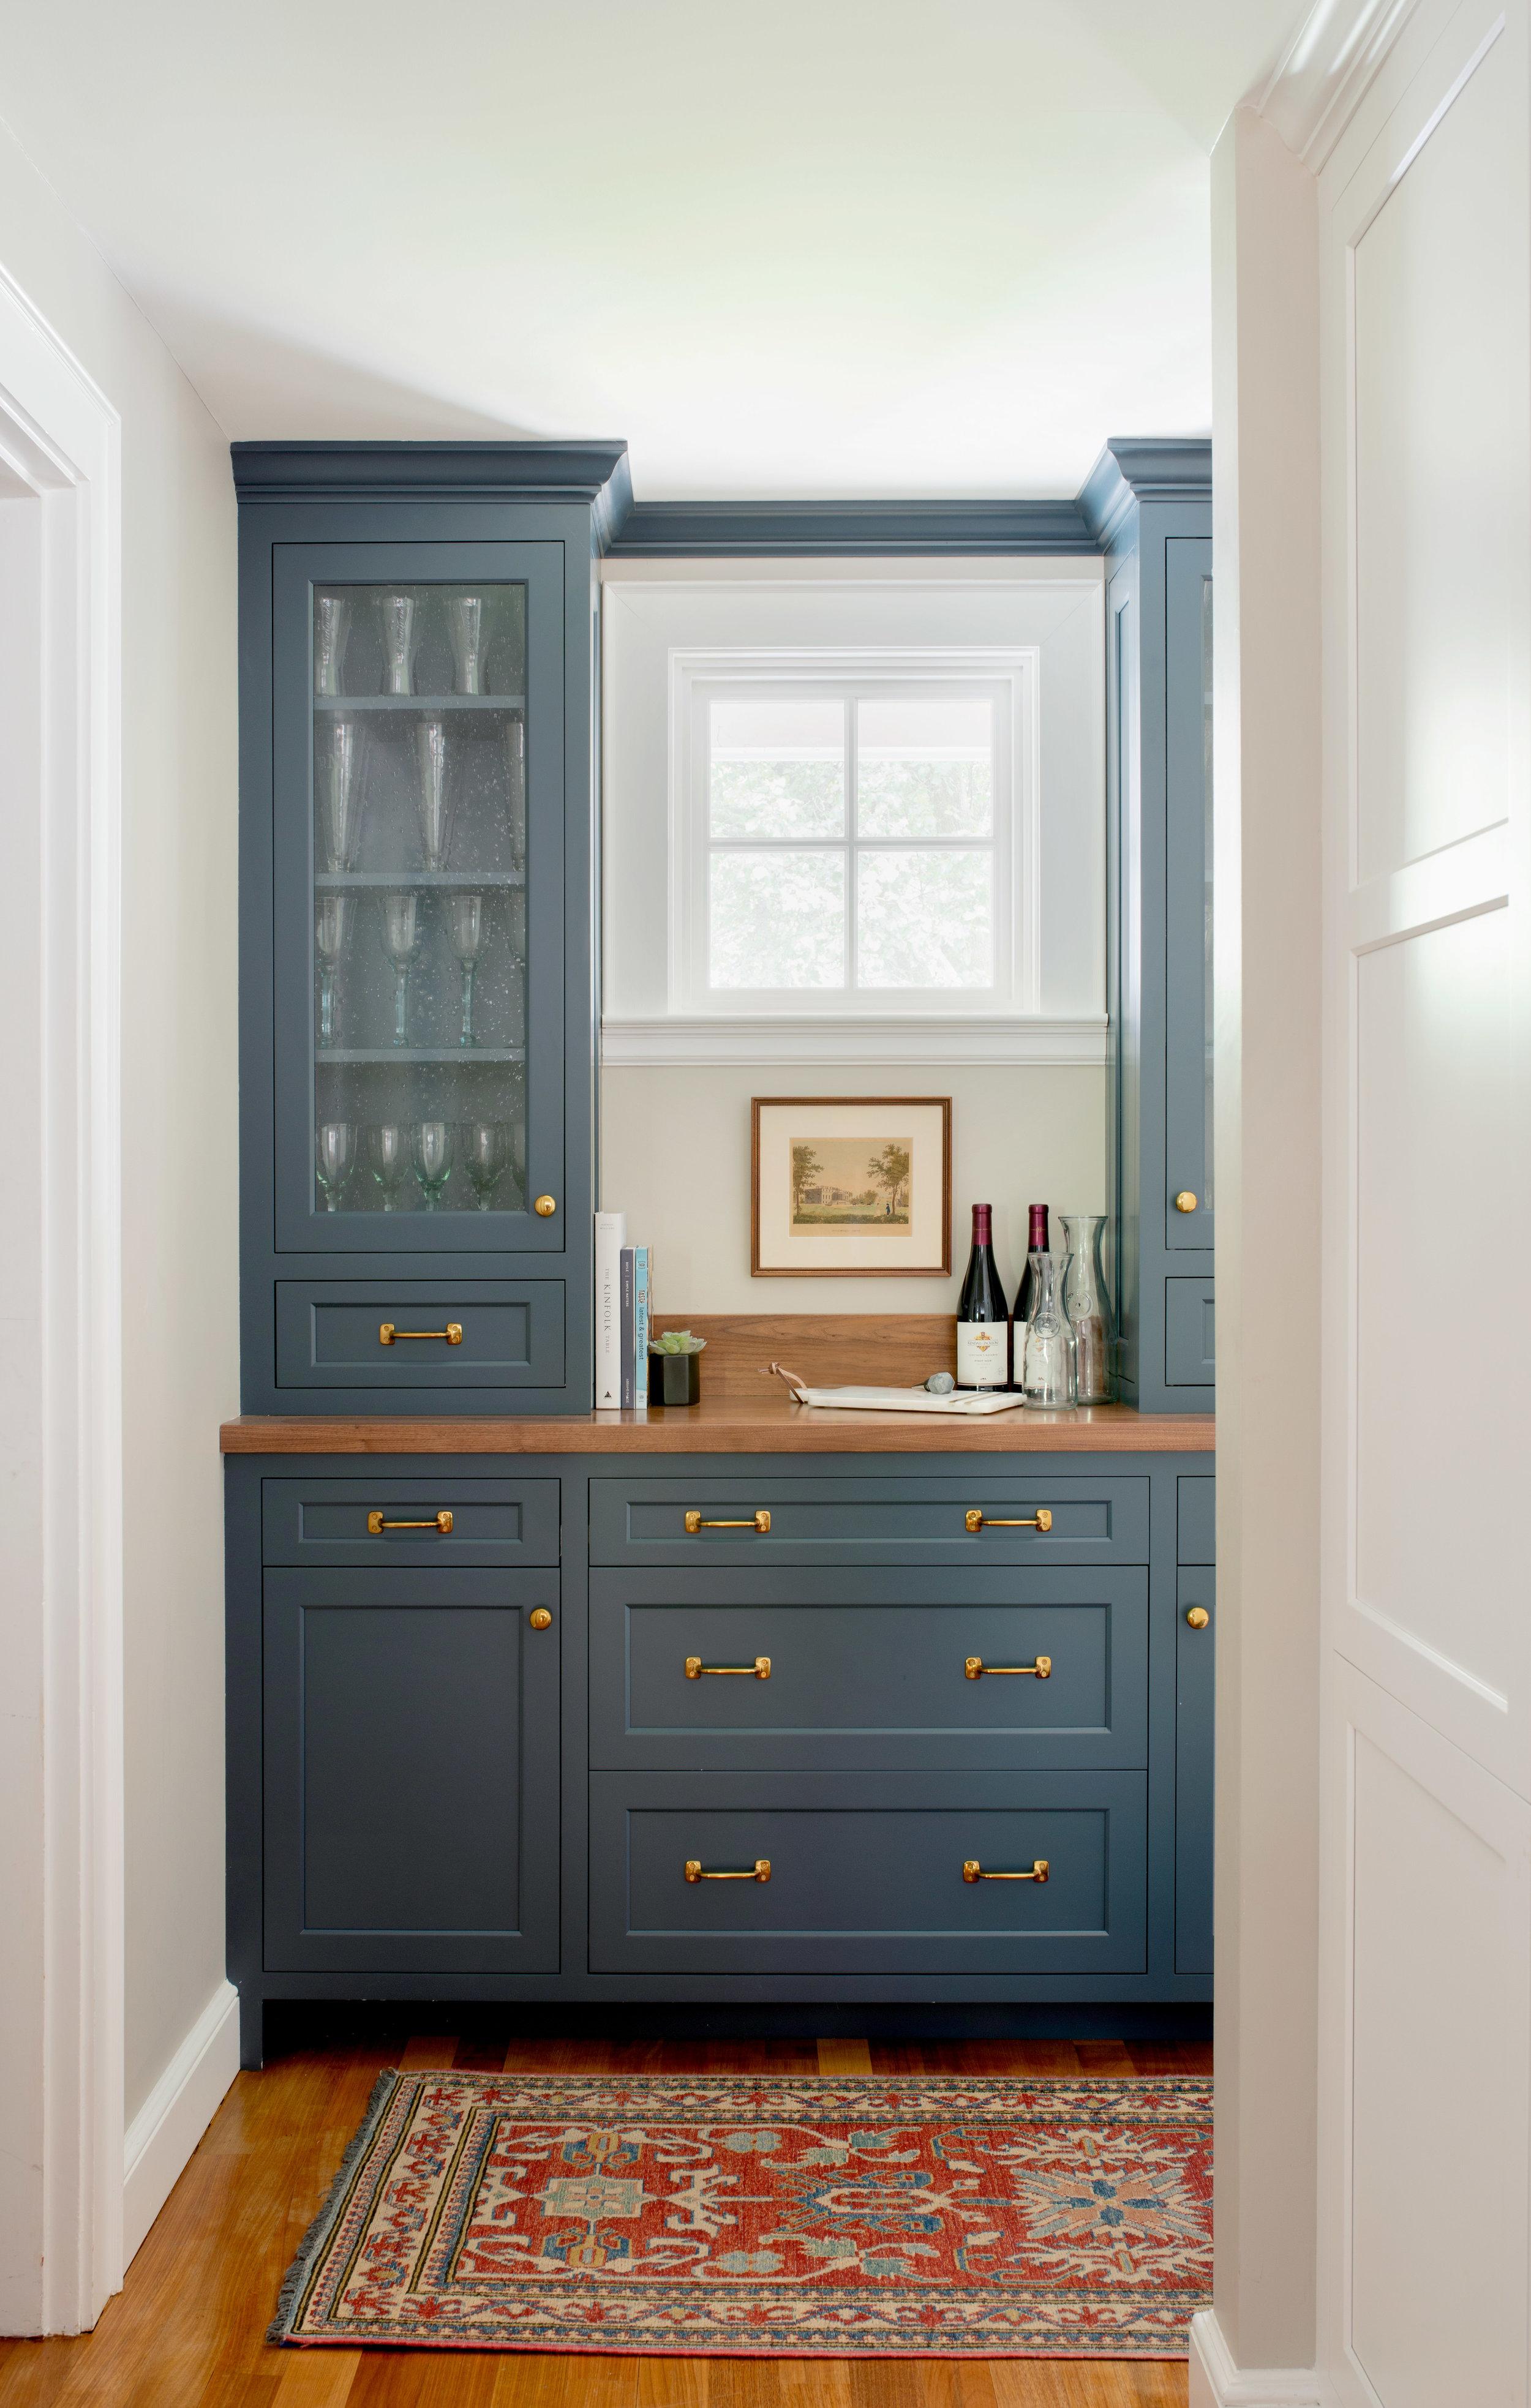 PinneyDesigns Chestnut Hill kitchen-4737-2.jpg